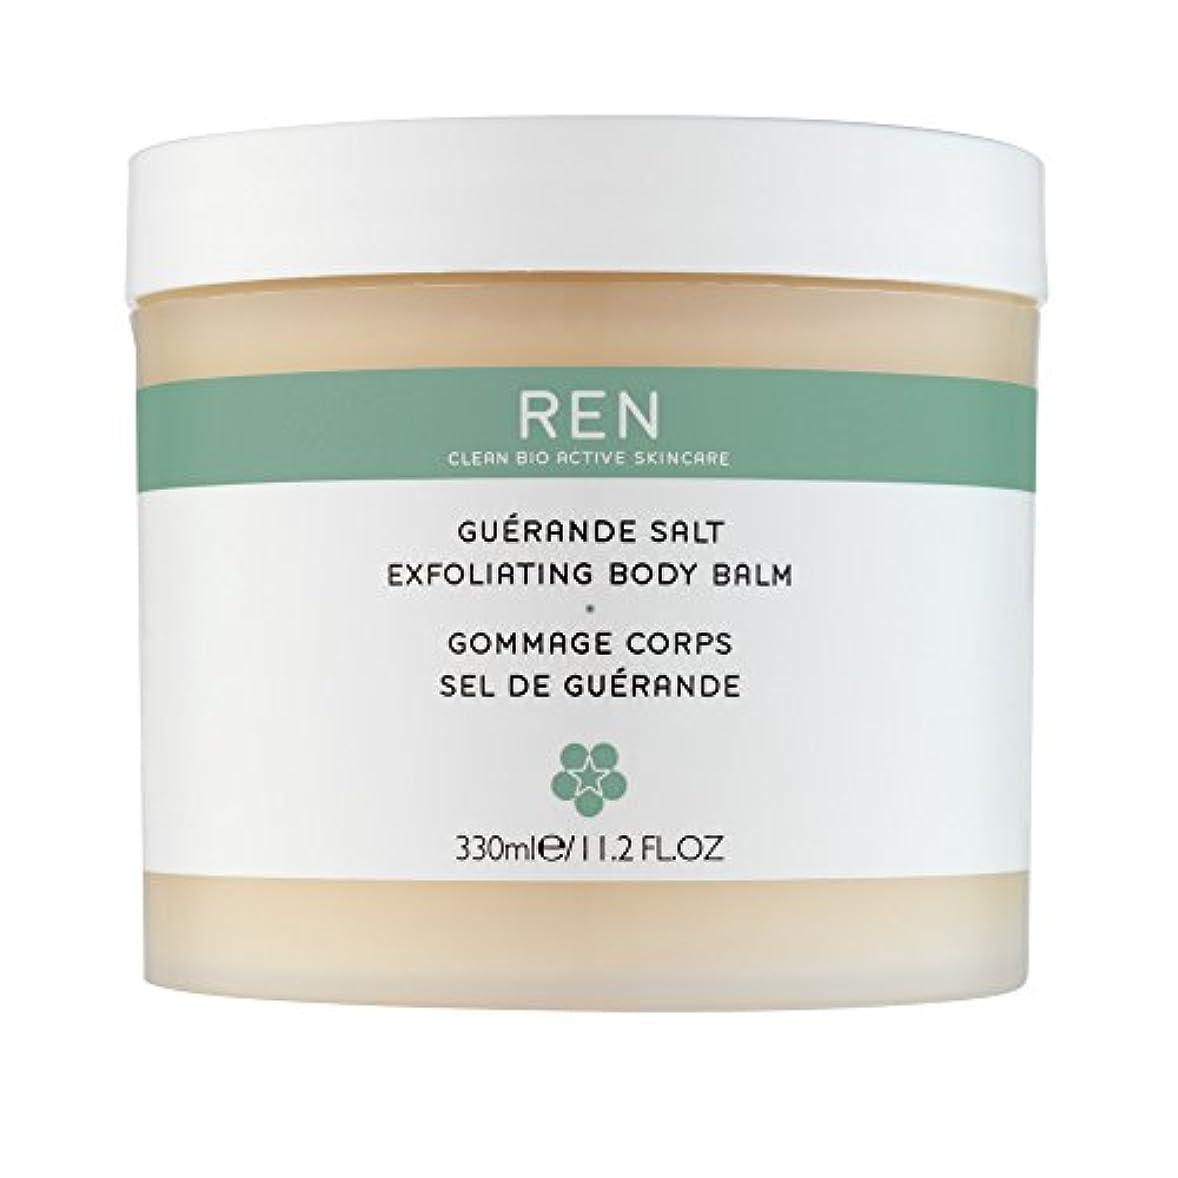 戦術干渉忠実にRenゲランド塩の角質除去ボディバーム330ミリリットル (REN) (x6) - REN Guerande Salt Exfoliating Body Balm 330ml (Pack of 6) [並行輸入品]